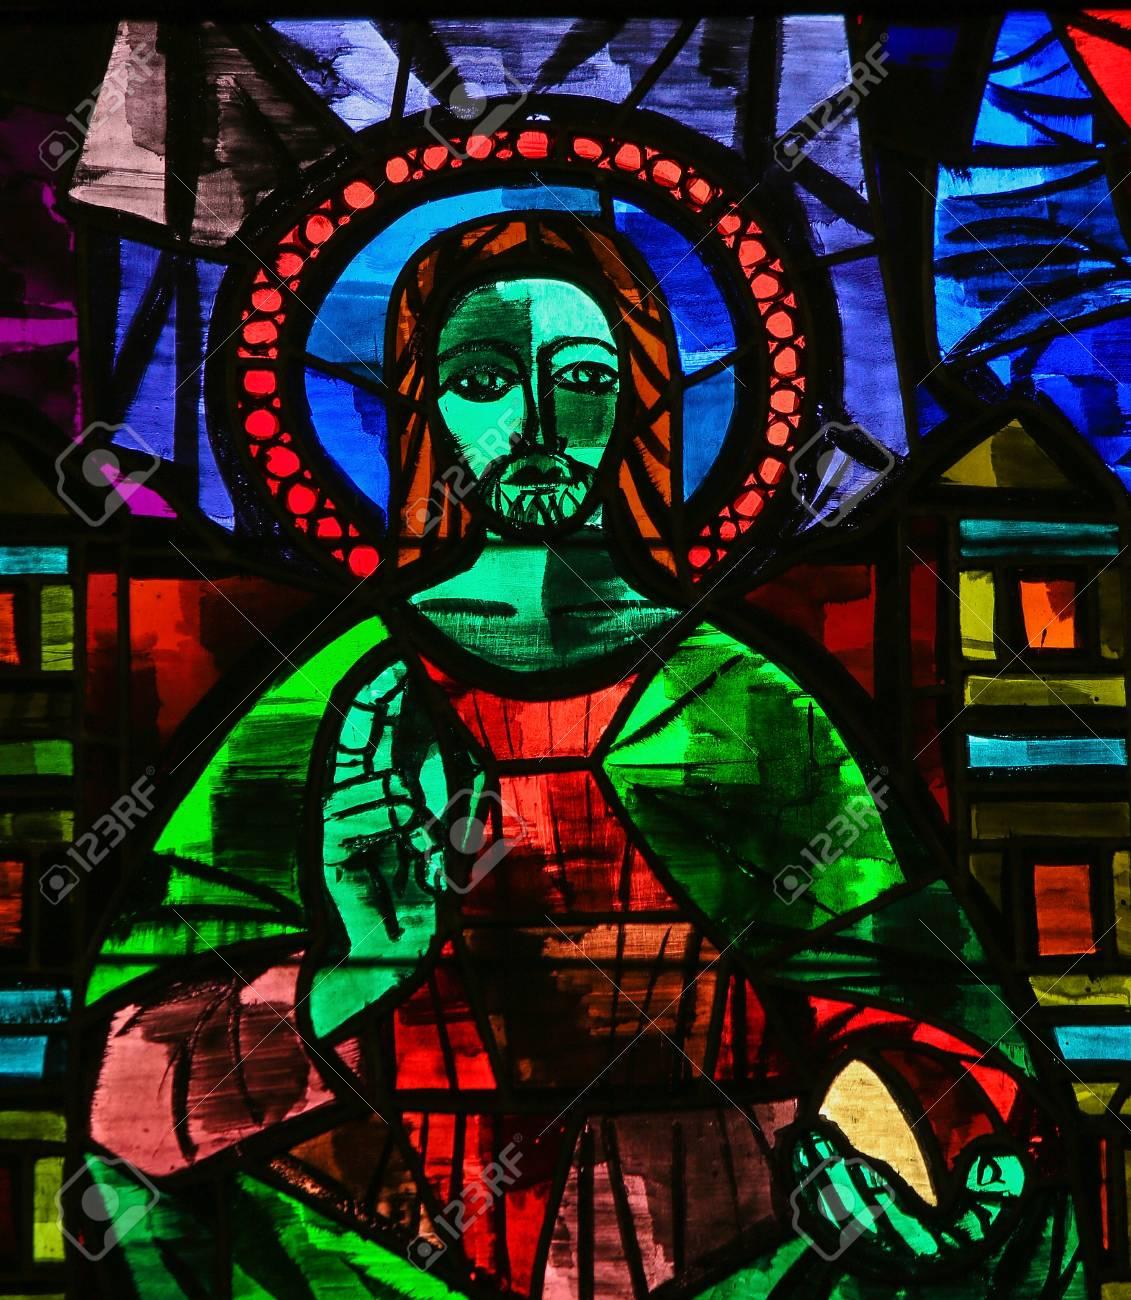 Ant Martina Franca martina franca, italie - 15 mars 2015: vitrail représentant jésus-christ  donnant une bénédiction dans l'église de martina franca, pouilles, italie.